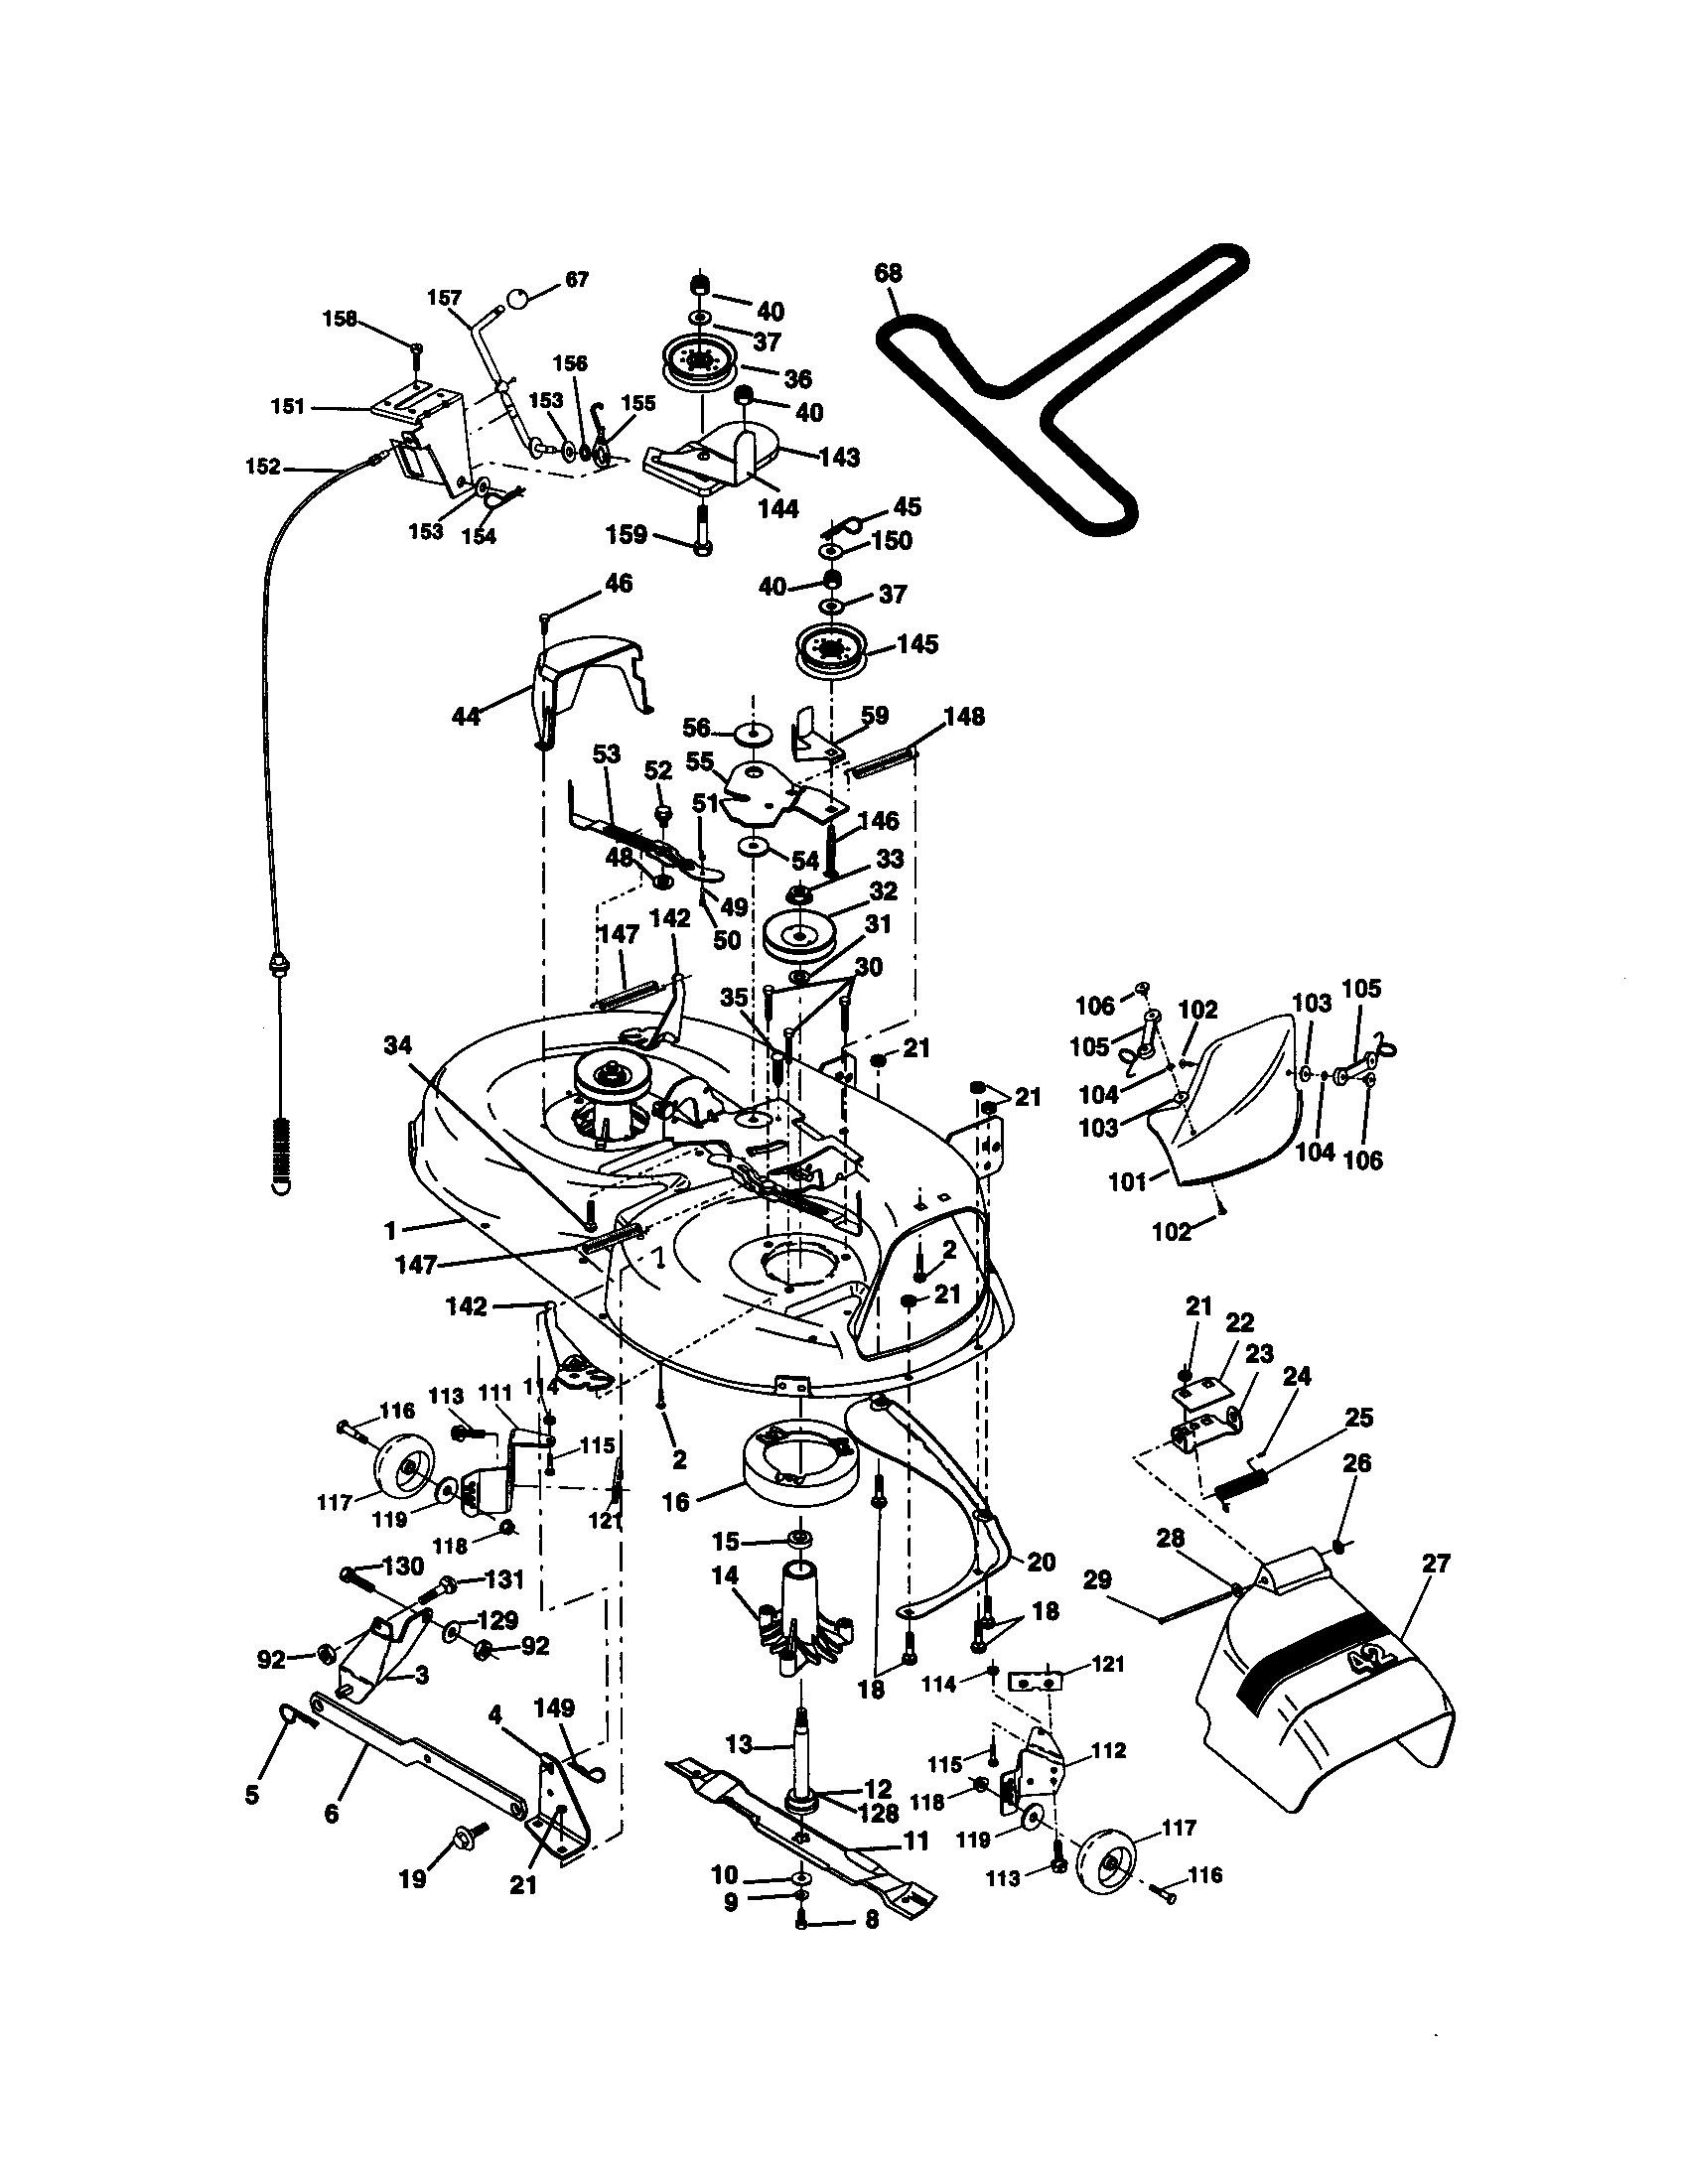 Craftsman Lawn Mower Parts Diagram Craftsman Model Lawn Tractor Genuine Parts Of Craftsman Lawn Mower Parts Diagram